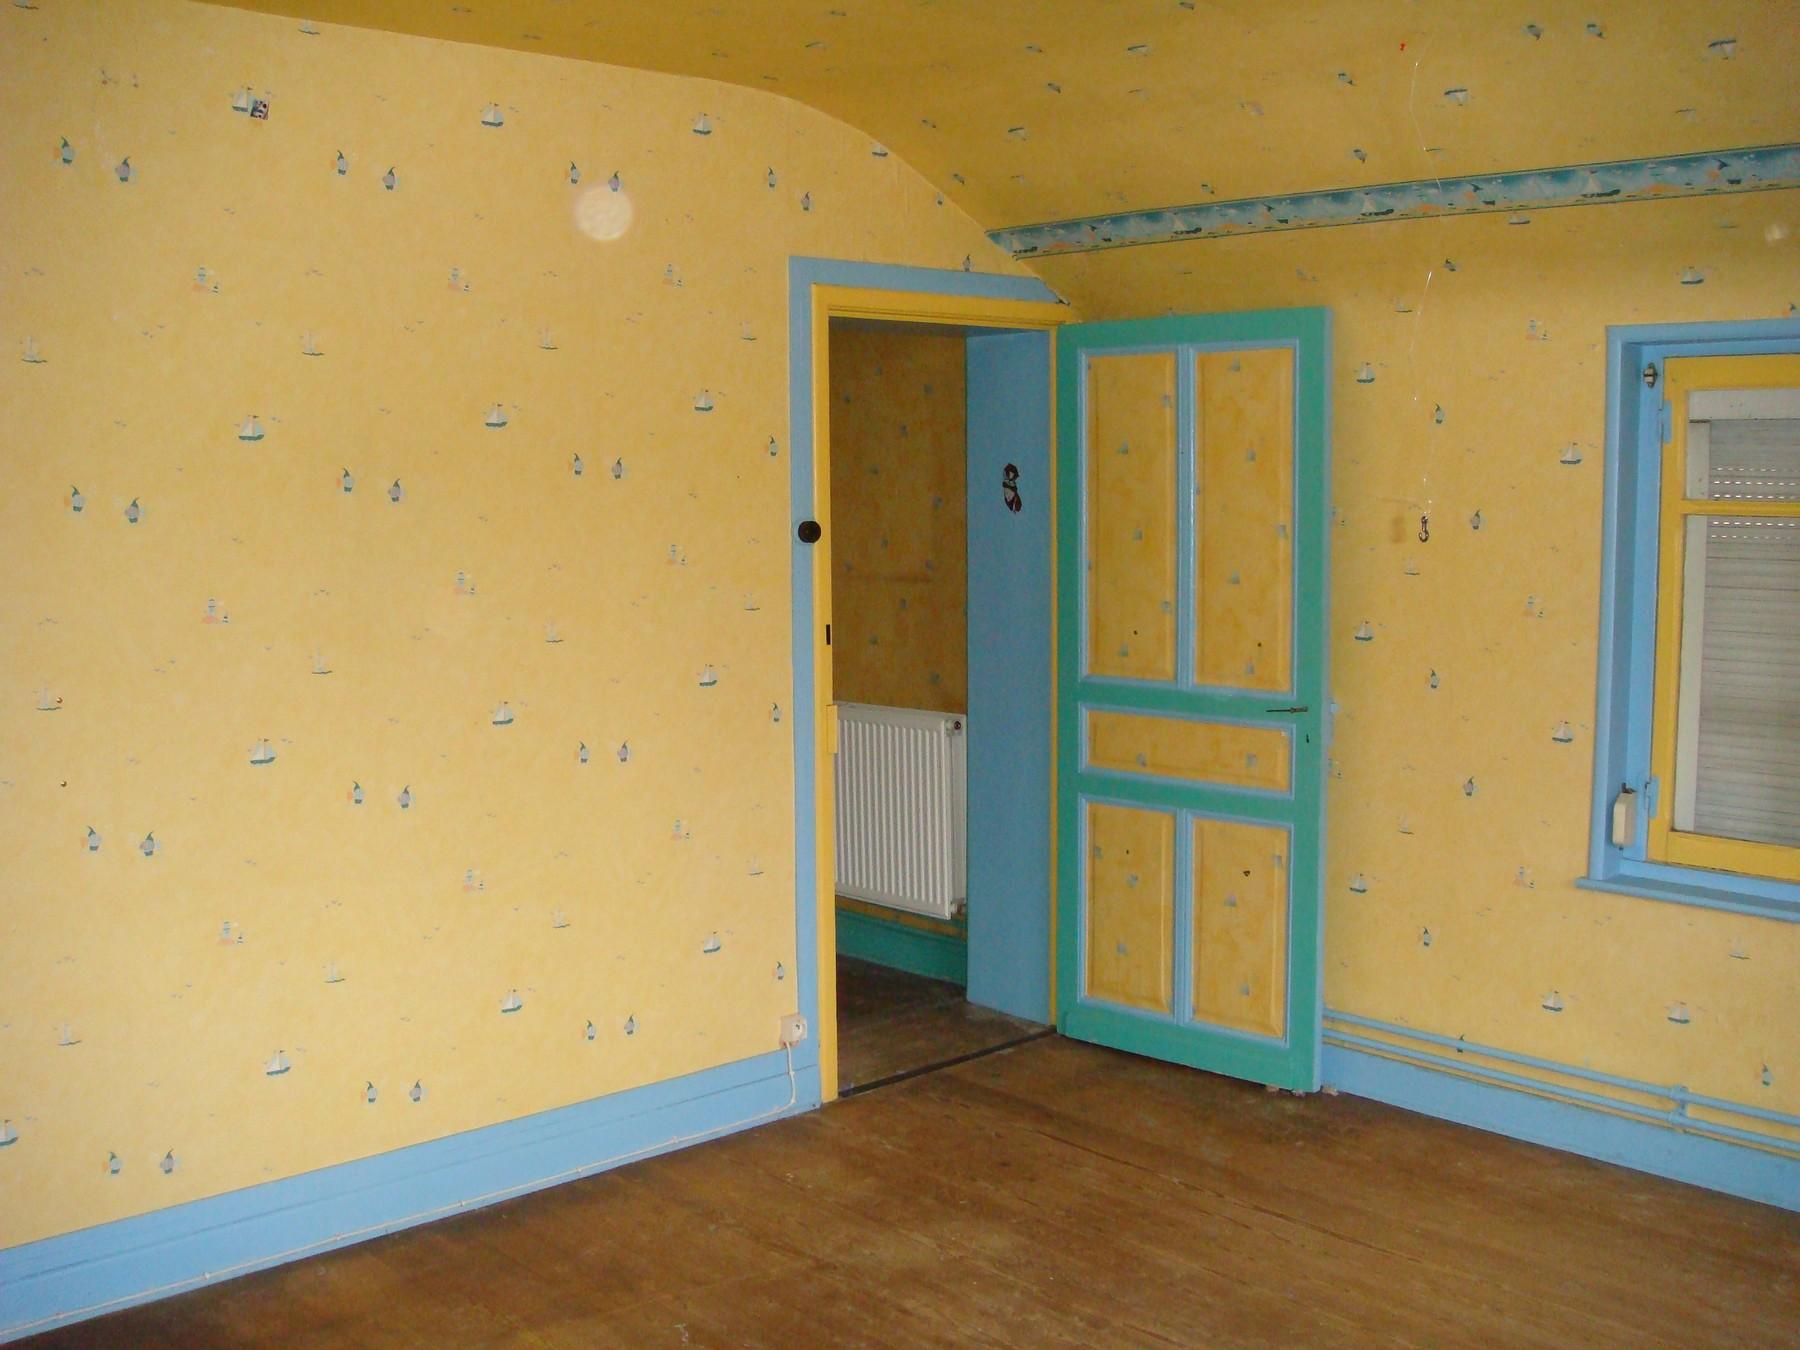 probleme distribution pour 3 chambres ou mettre l 39 escalier. Black Bedroom Furniture Sets. Home Design Ideas